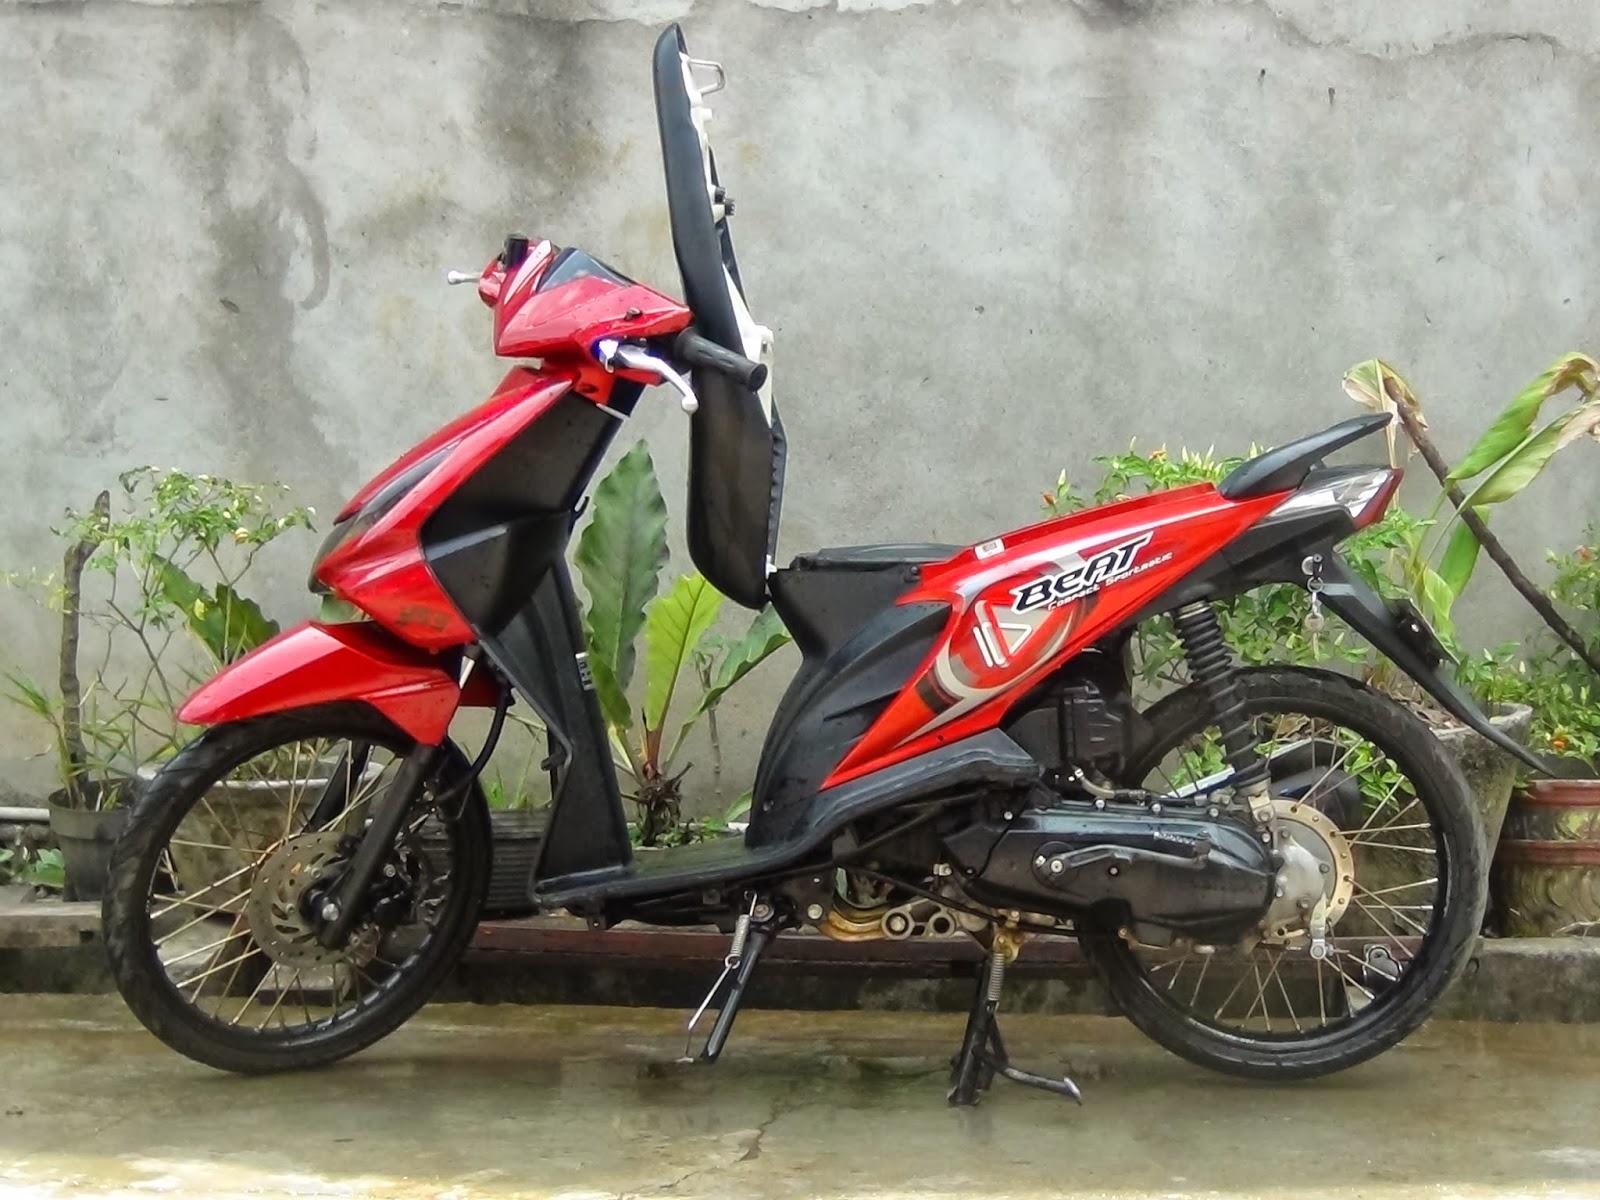 Motor Beat Modifikasi Tips Bikin Honda Beat Irit